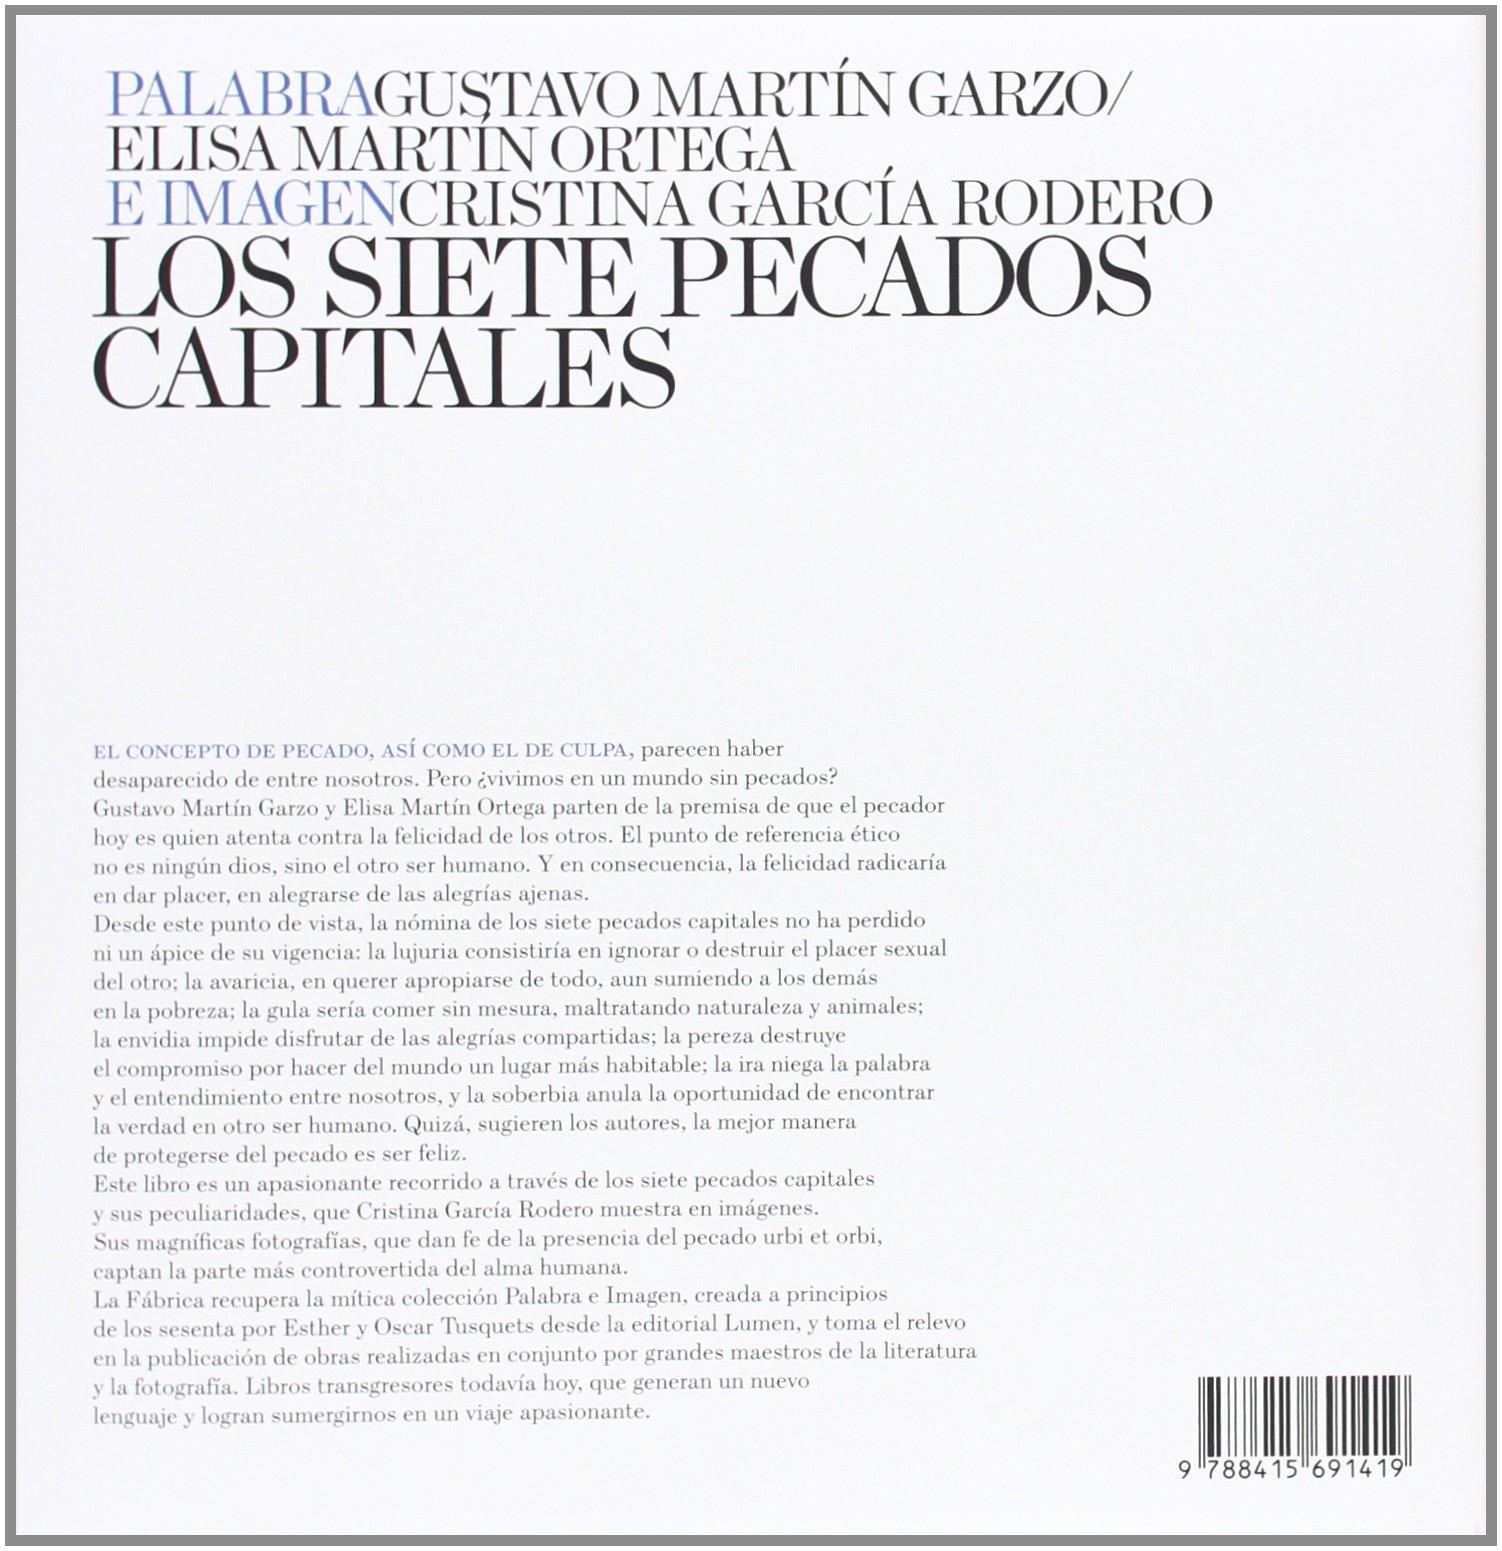 Los Siete Pecados Capitales (Palabra e Imagen): Amazon.es: García ...